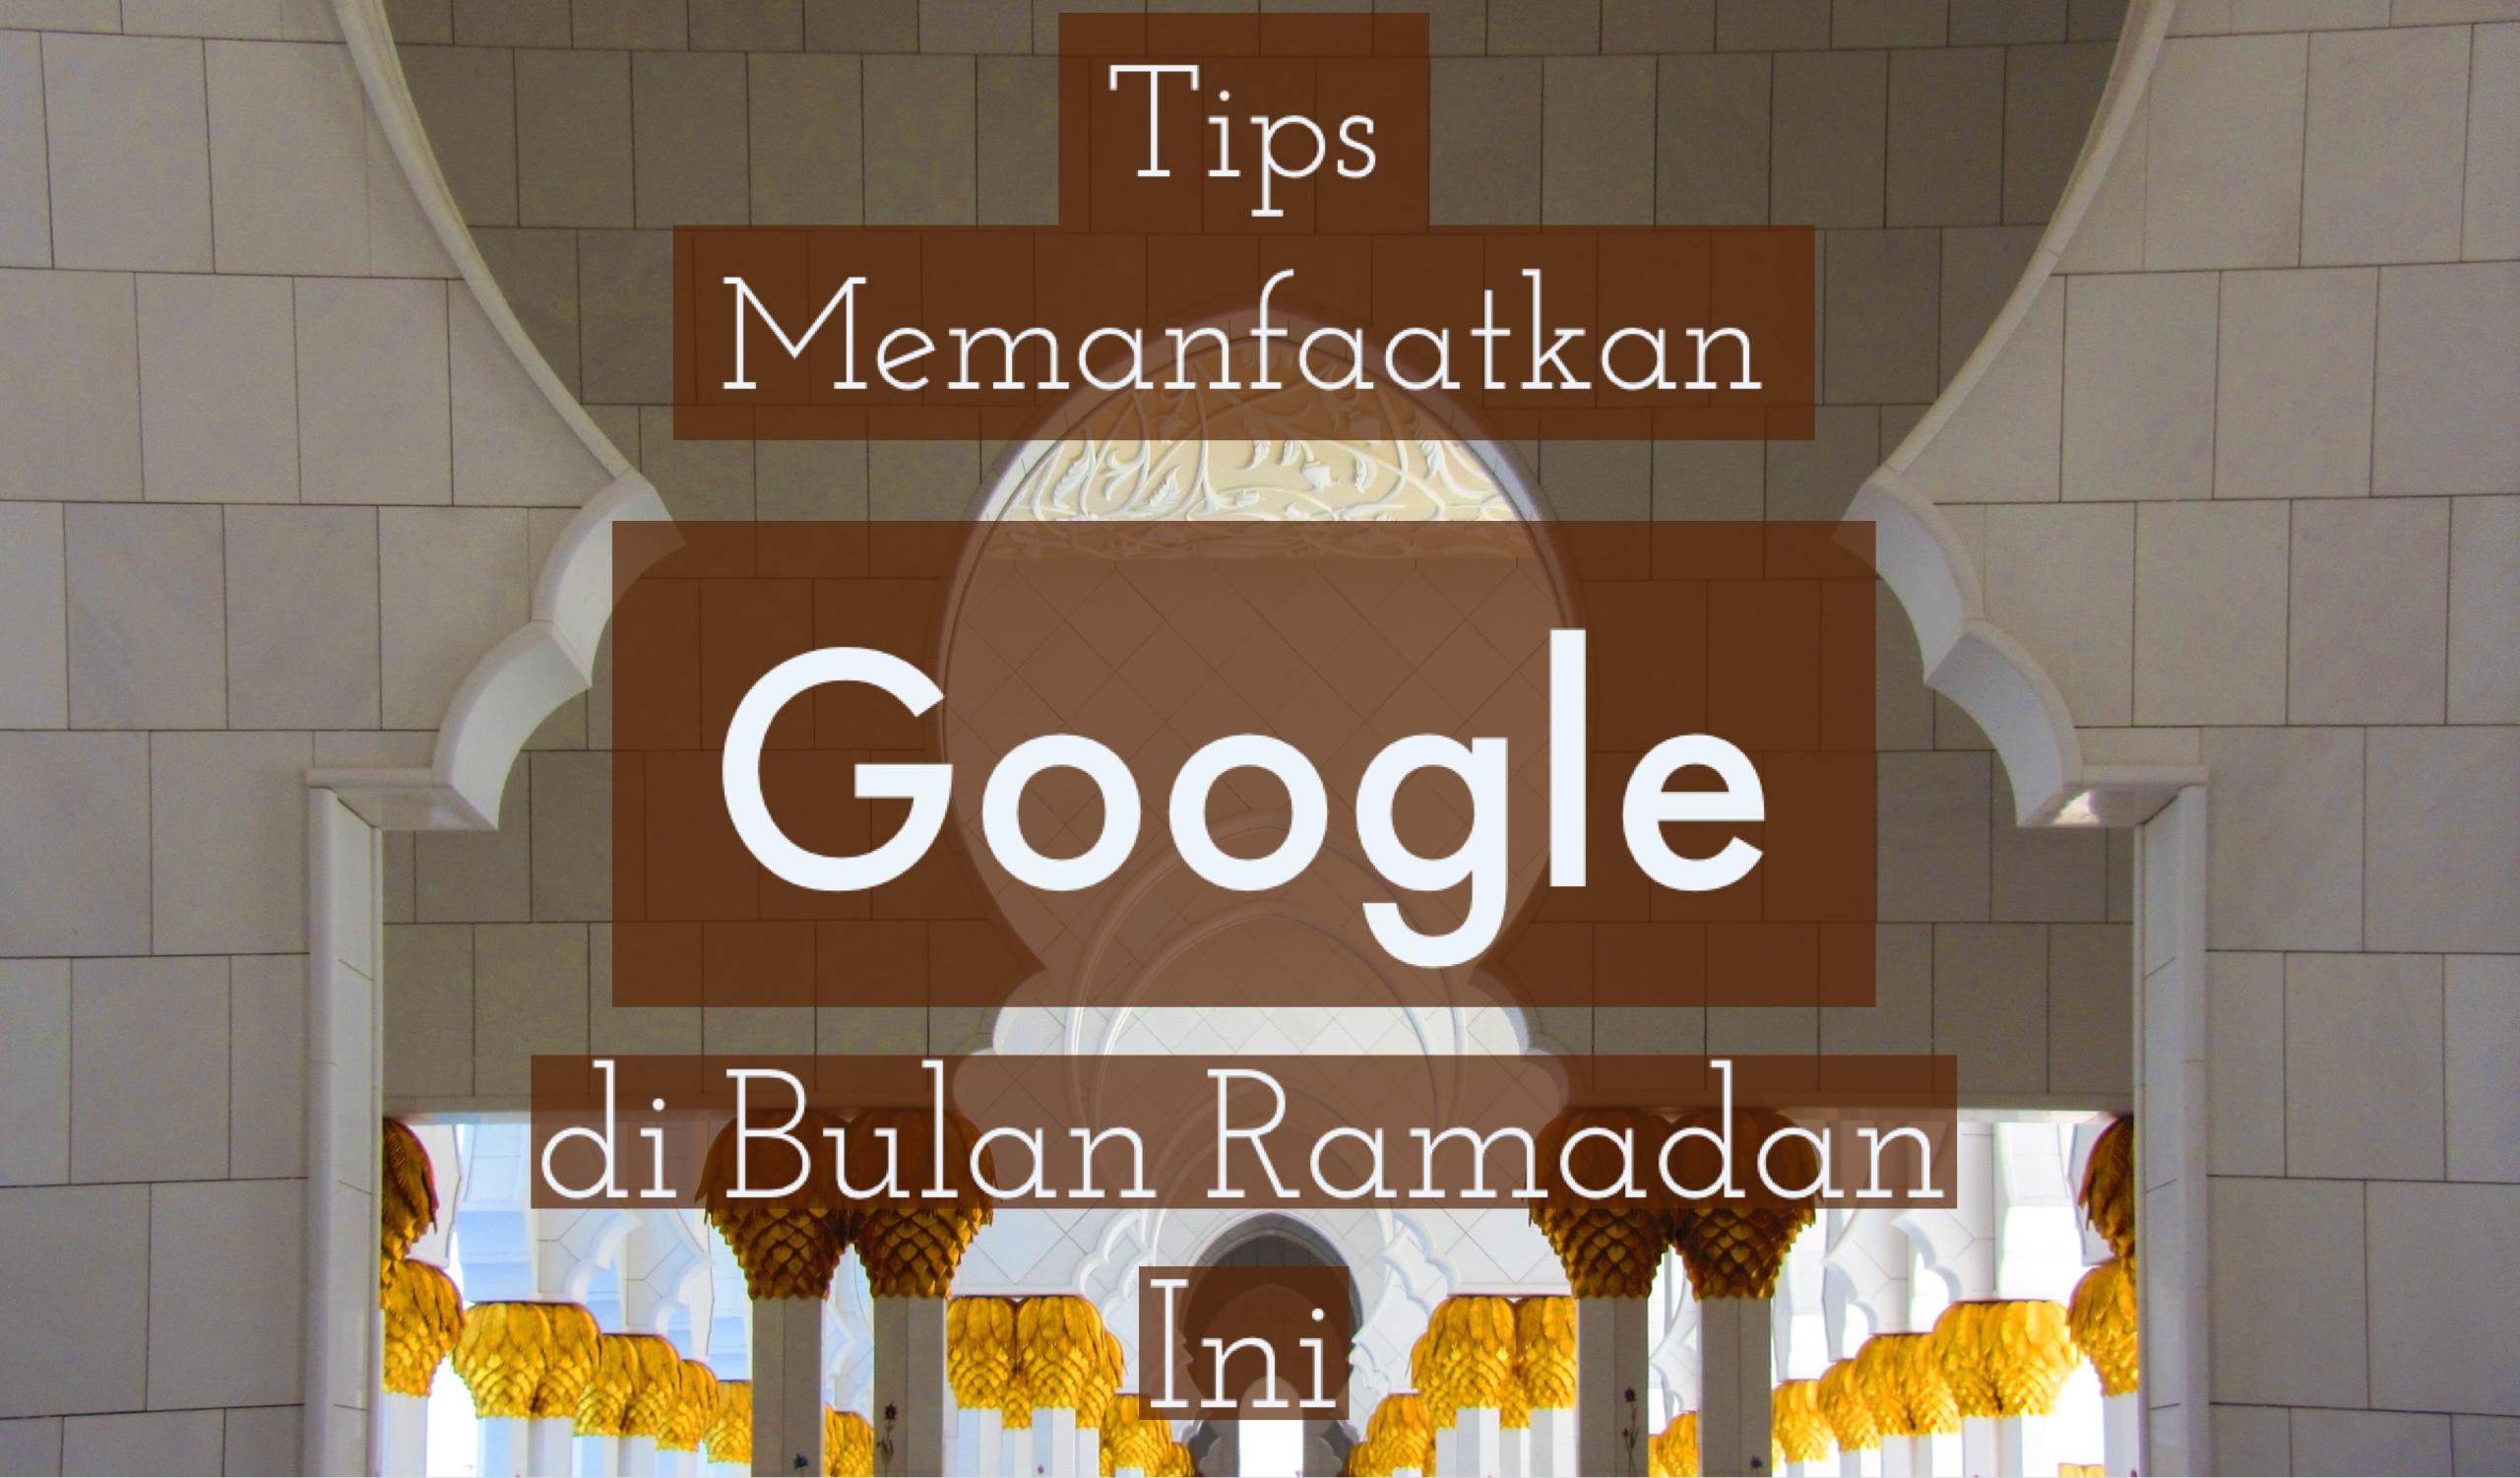 Tips Memanfaatkan Google di Bulan Ramadan Ini